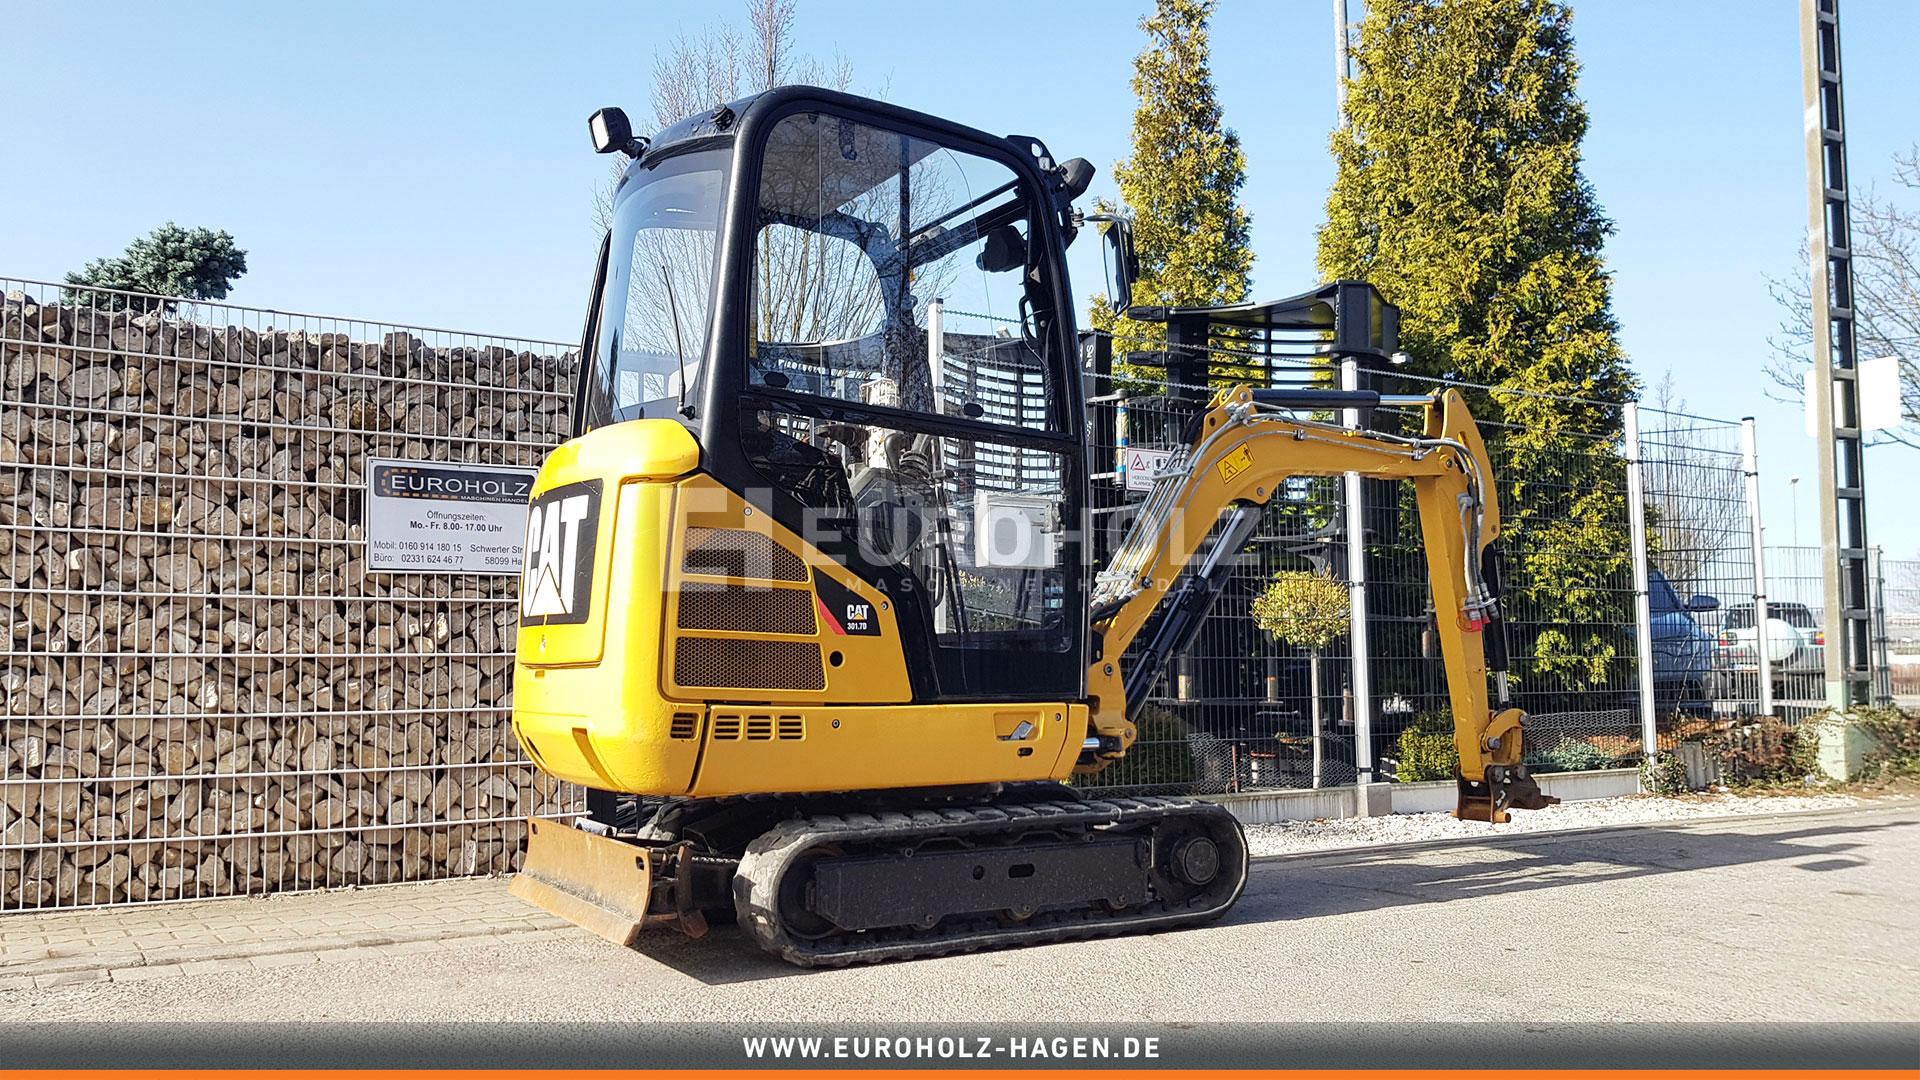 Minibagger CAT 301.7 D SW CW05 Proportionalsteuerung Hammer Greifer